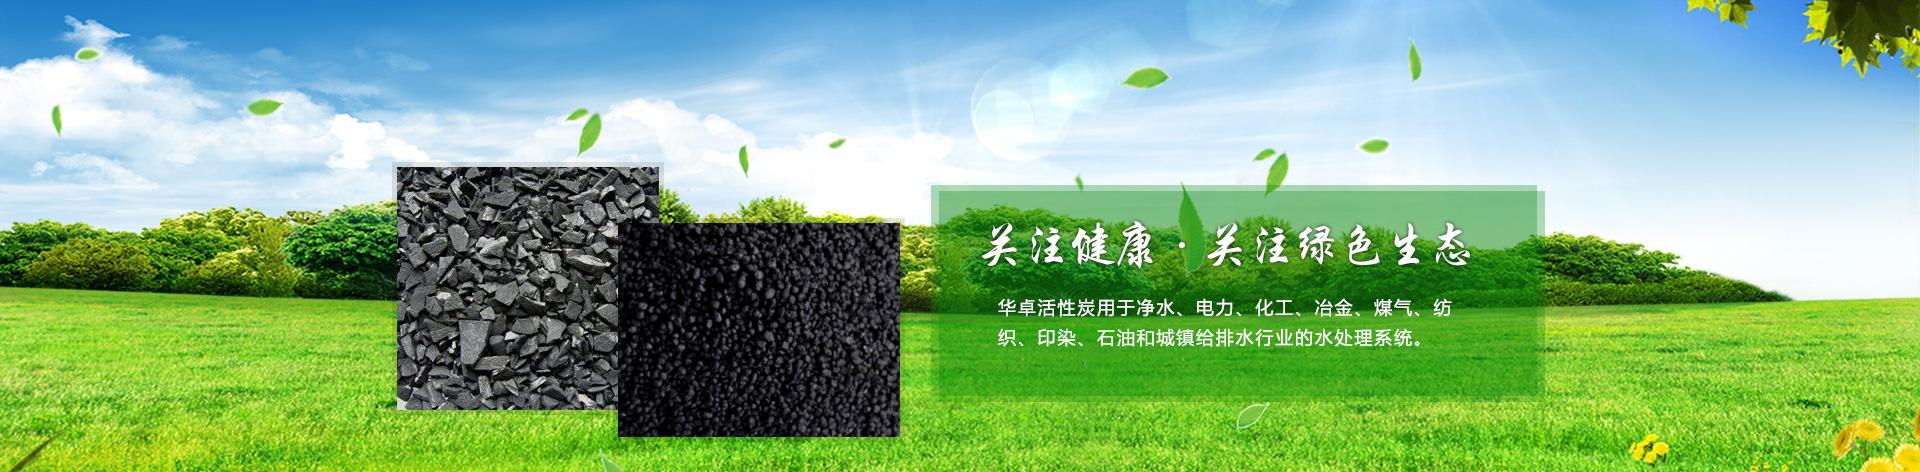 果殼活性炭廠家、活性炭公司為您服務